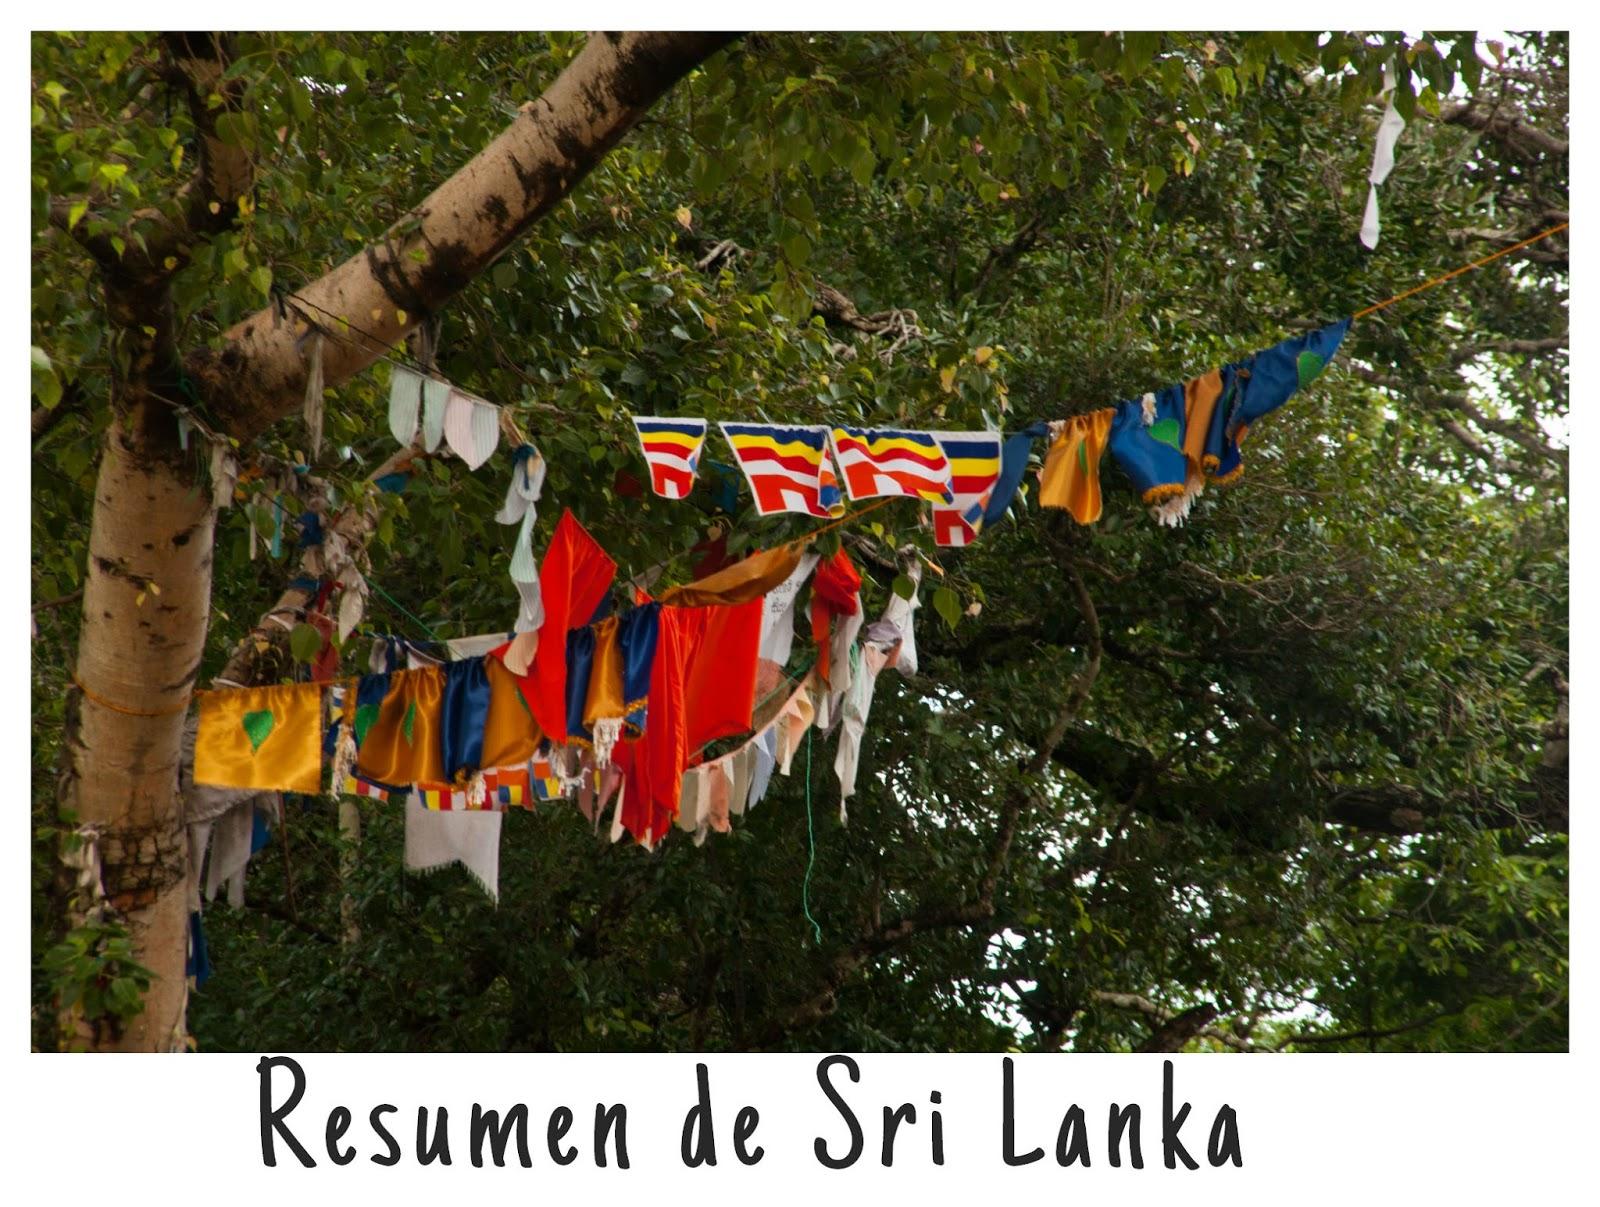 http://www.depatitasenelmundo.es/2014/12/resumen-del-viaje-sri-lanka.html